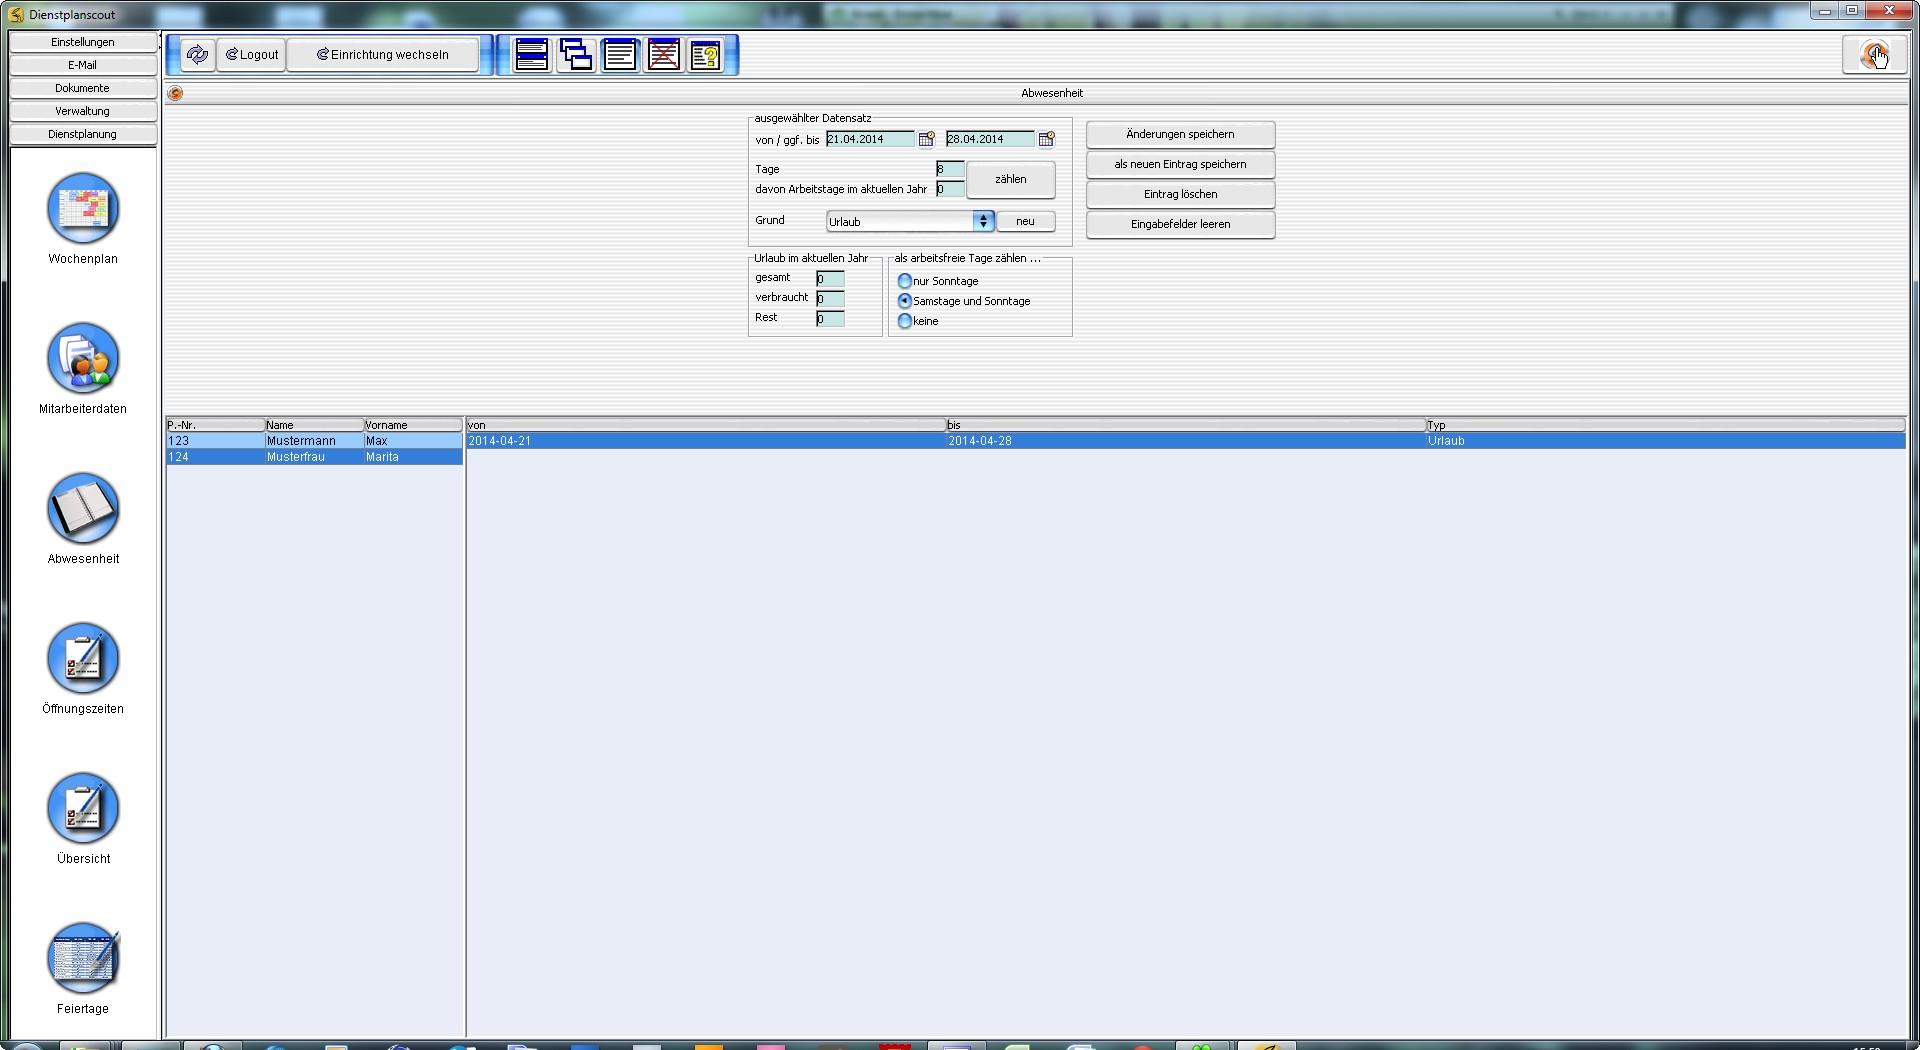 Küchendienst Büro ~ büro,office software,personaleinsatz,dienste planen,büropersonal,personal planen ebay